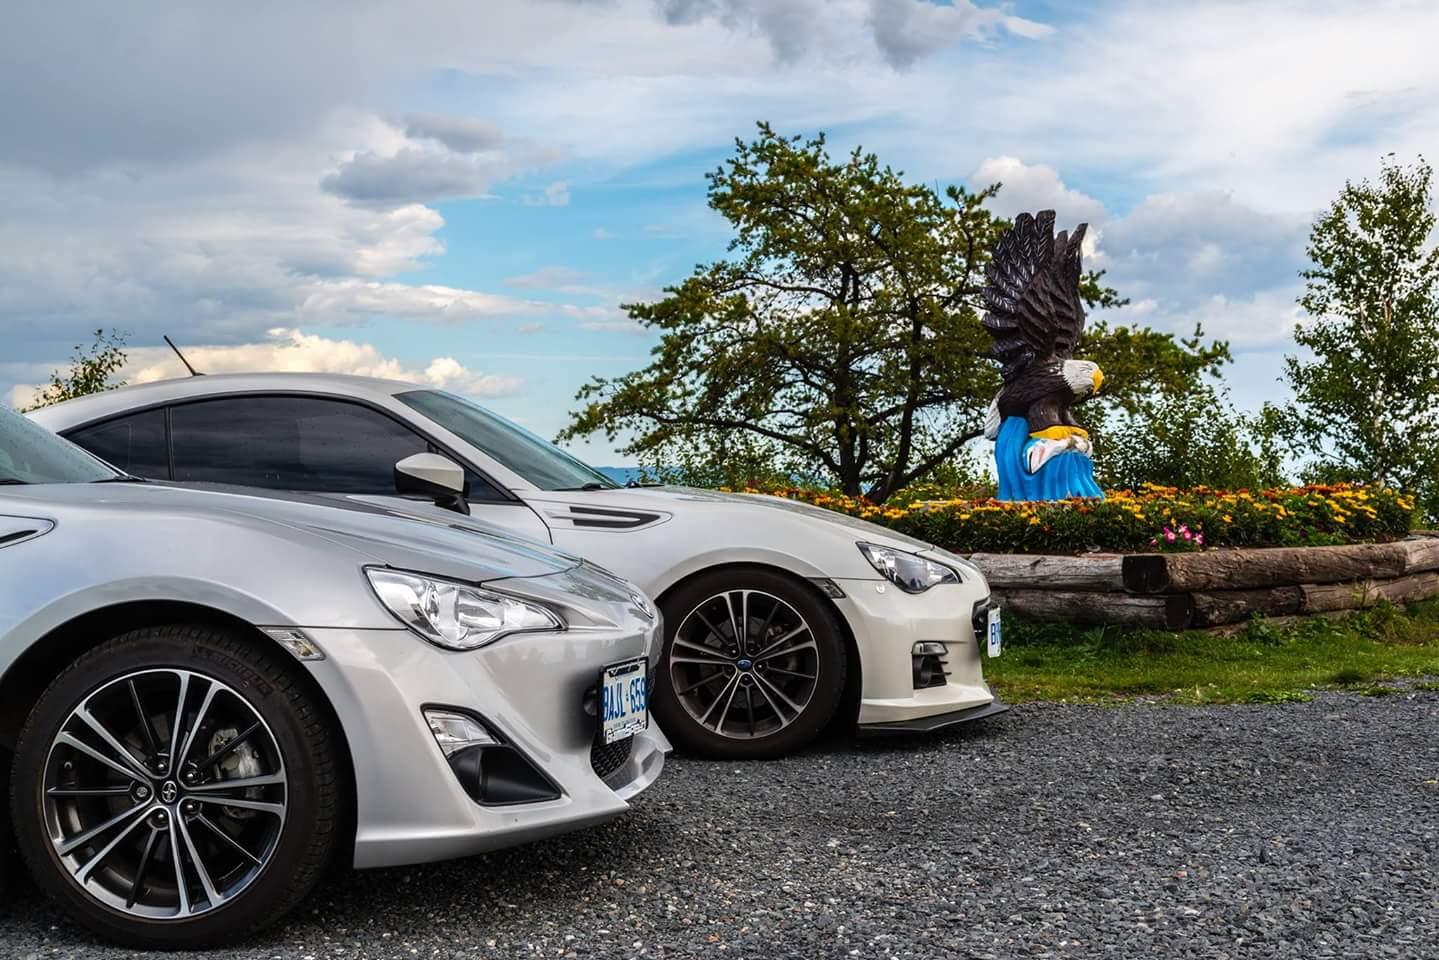 2013 Subaru brz For Sale in Gorham - $25000